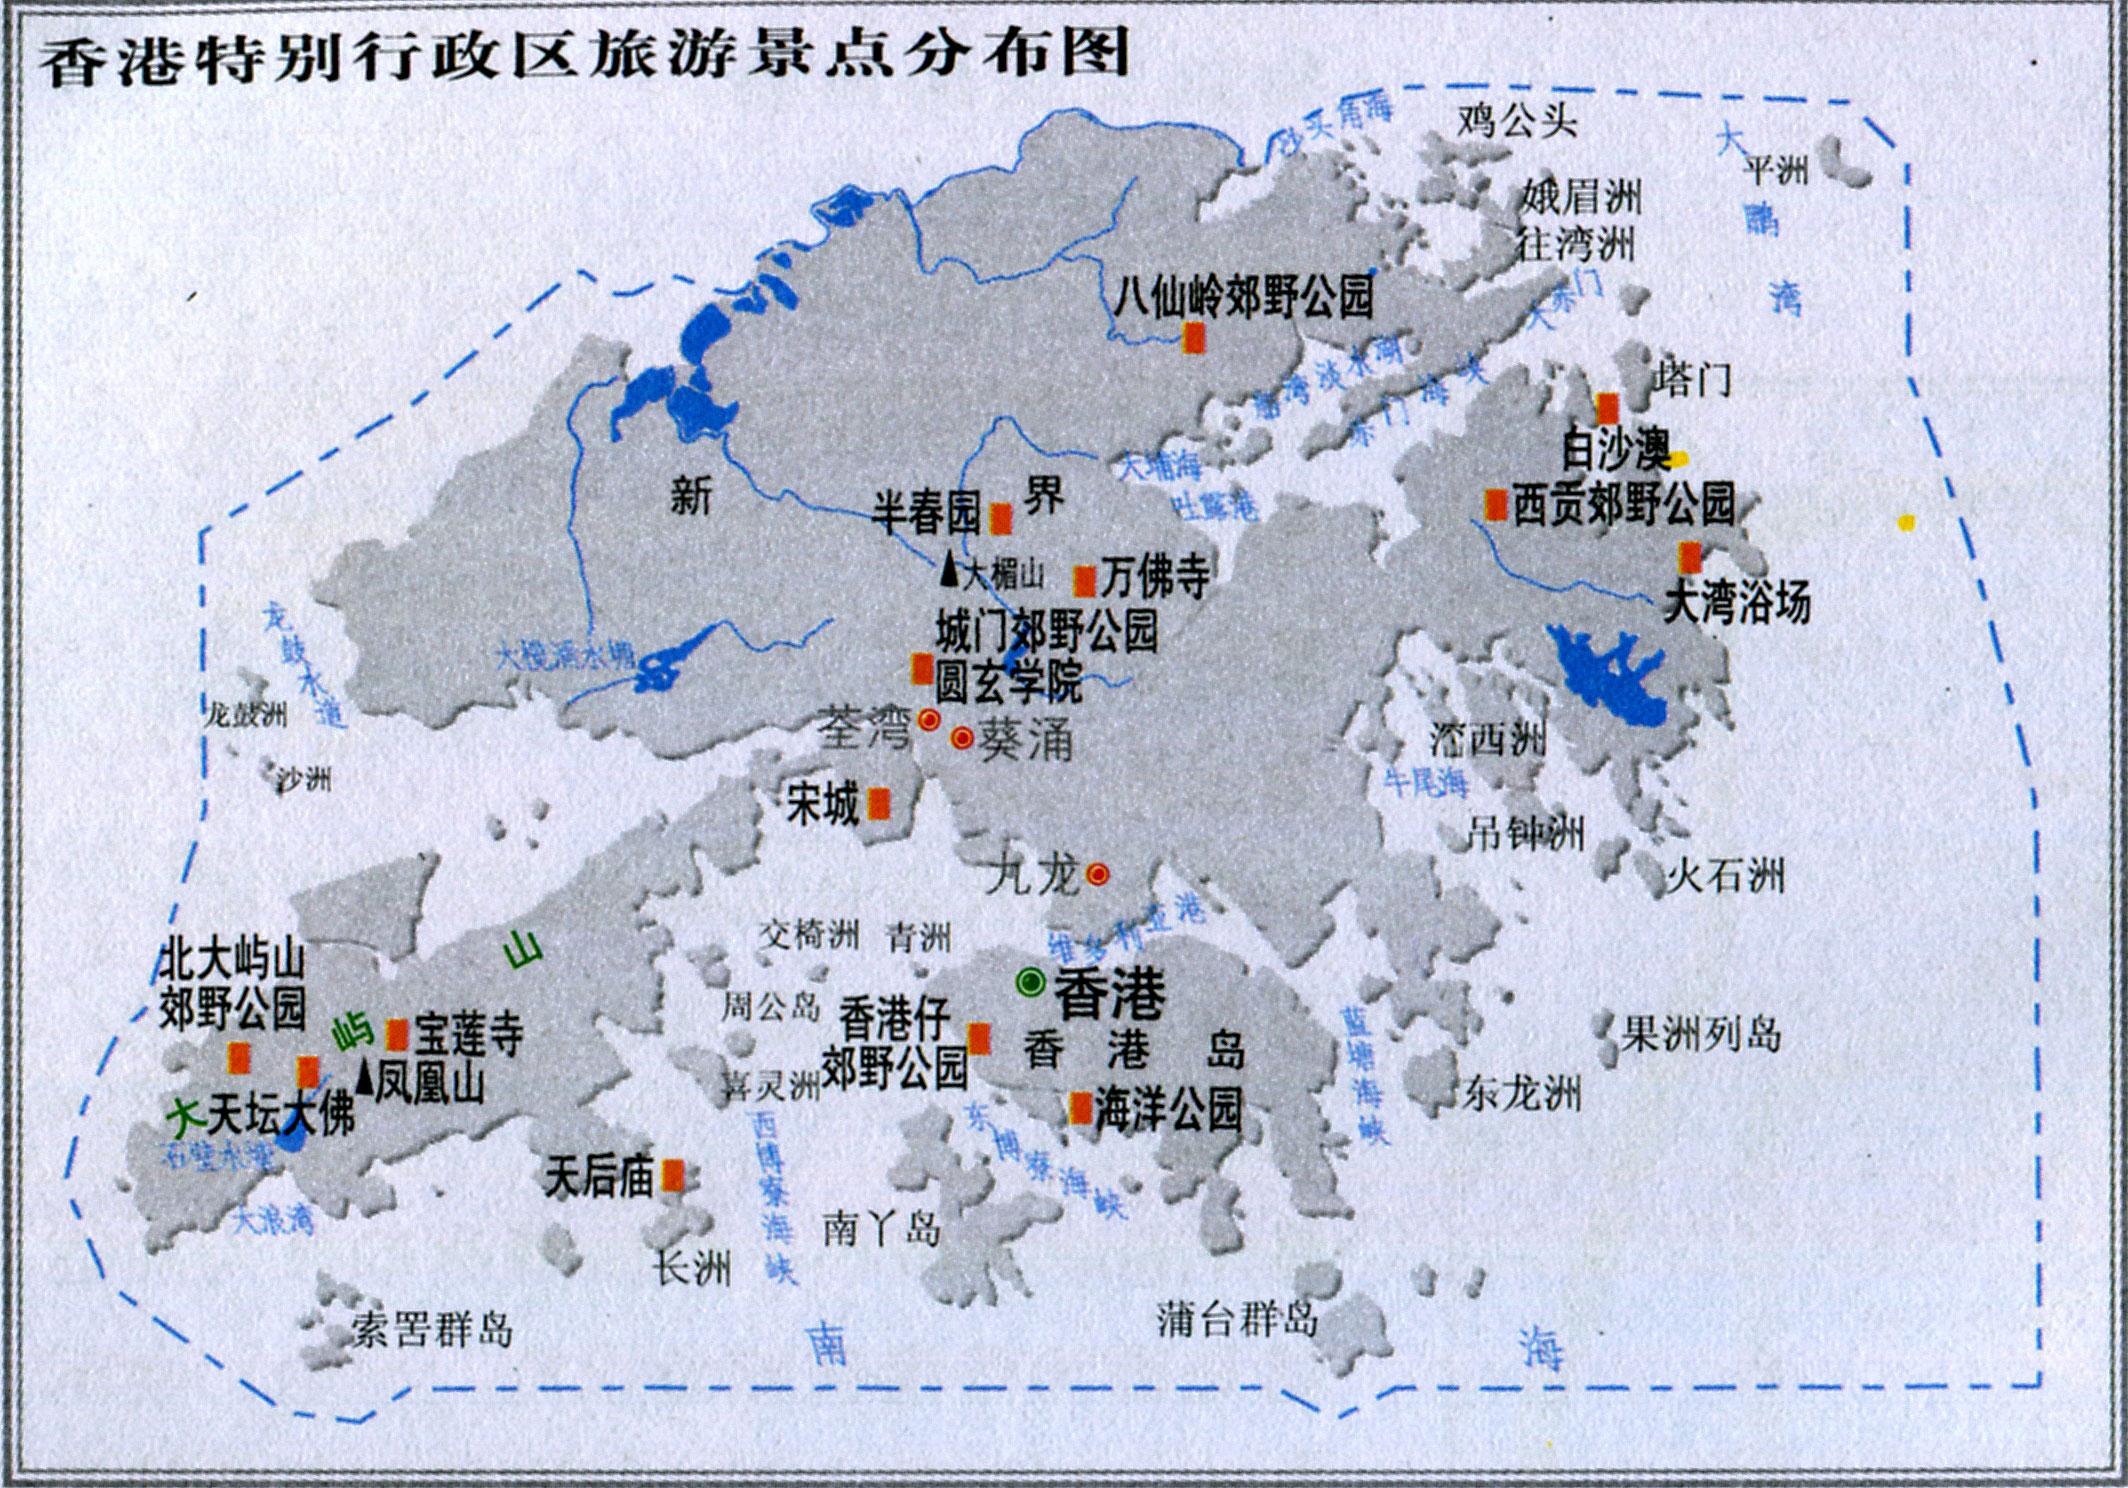 中国最好的旅游景点是哪个地方